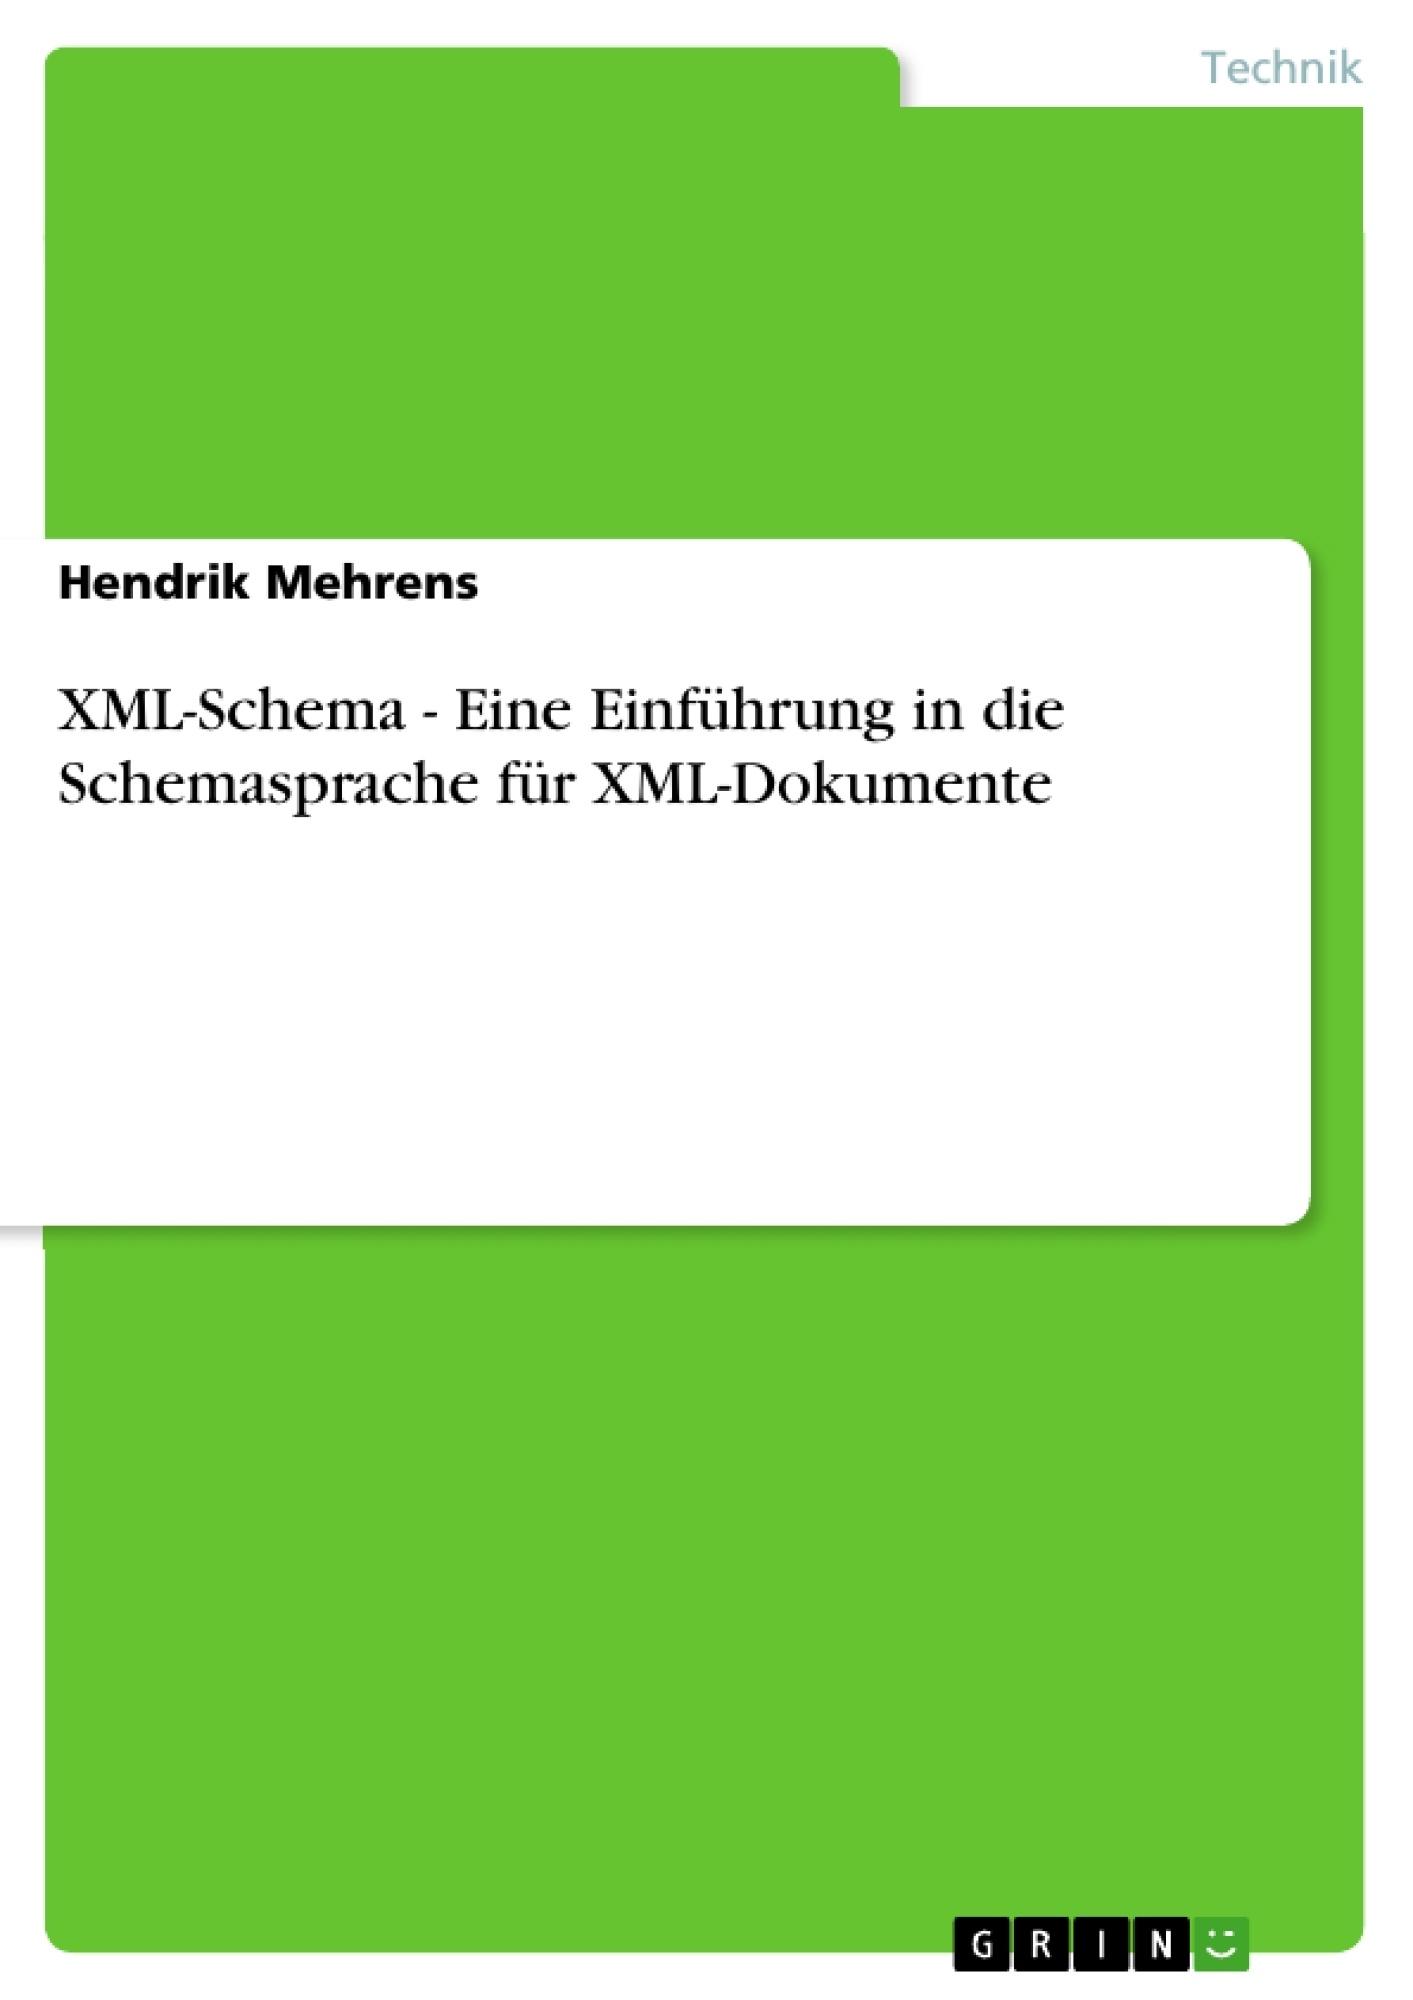 XML-Schema - Eine Einführung in die Schemasprache für XML-Dokumente ...